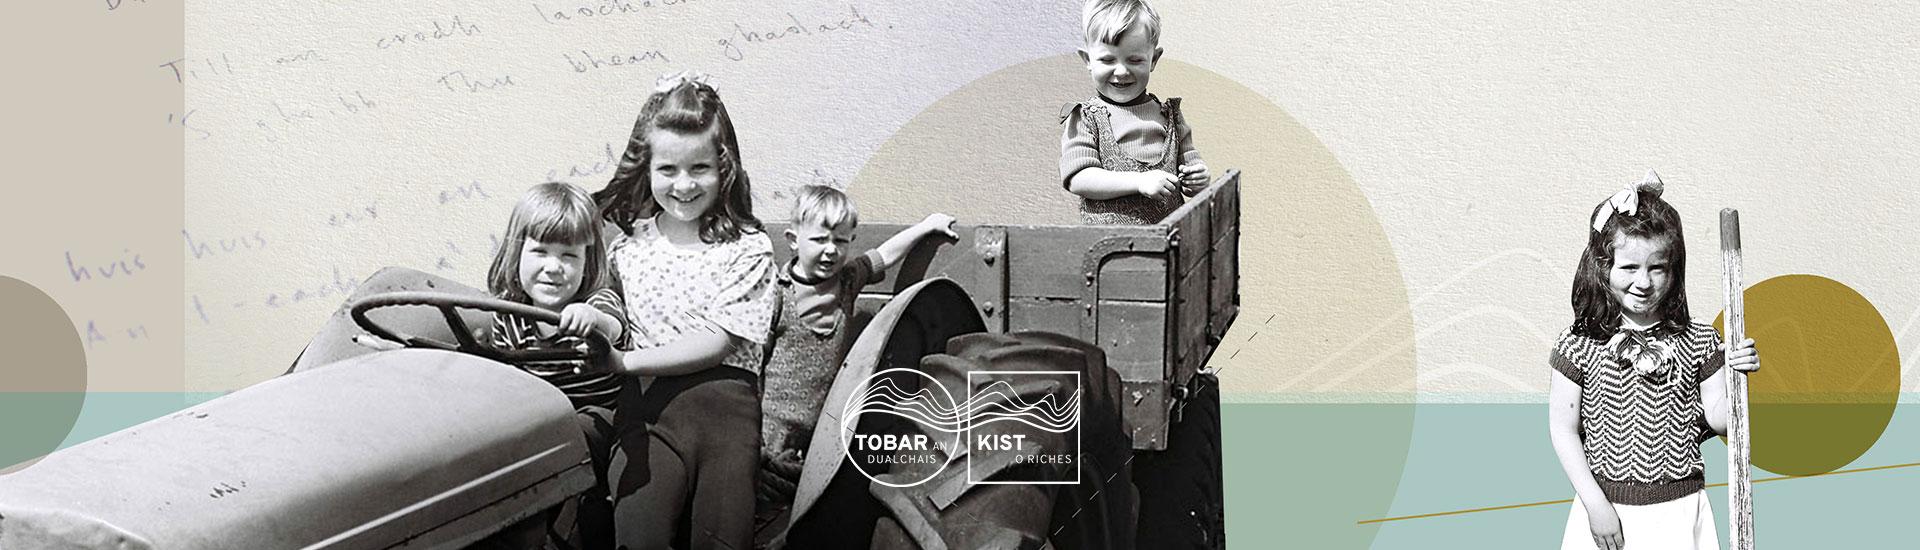 brand illustration tobar an dualchais, kist o riches